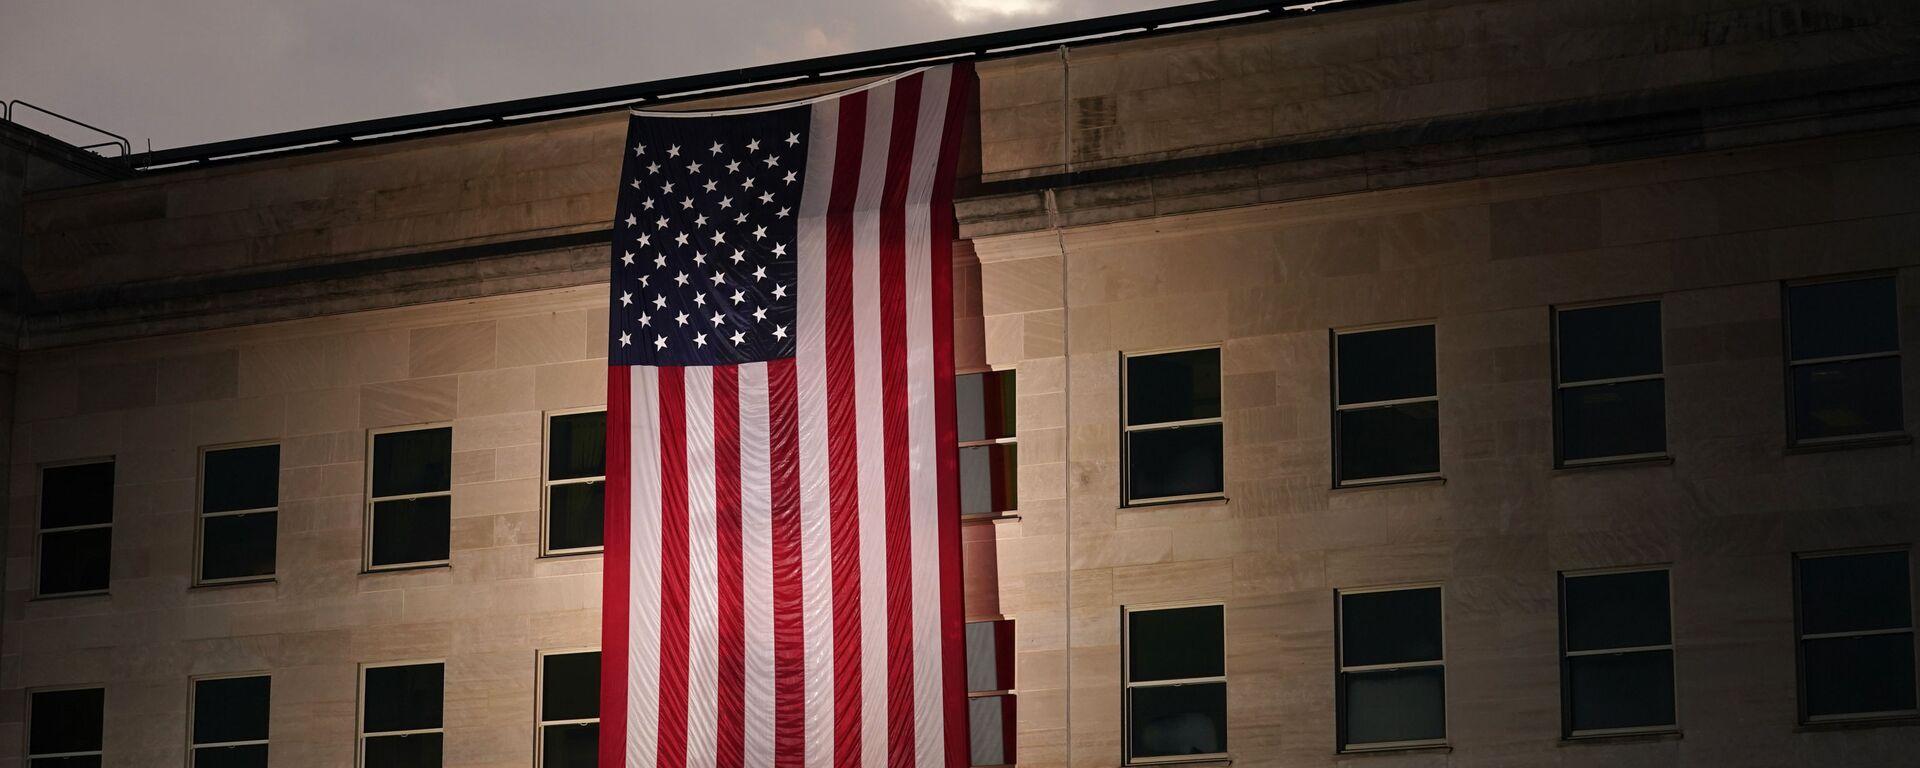 Americká vlajka na budově Pentagonu - Sputnik Česká republika, 1920, 21.05.2021